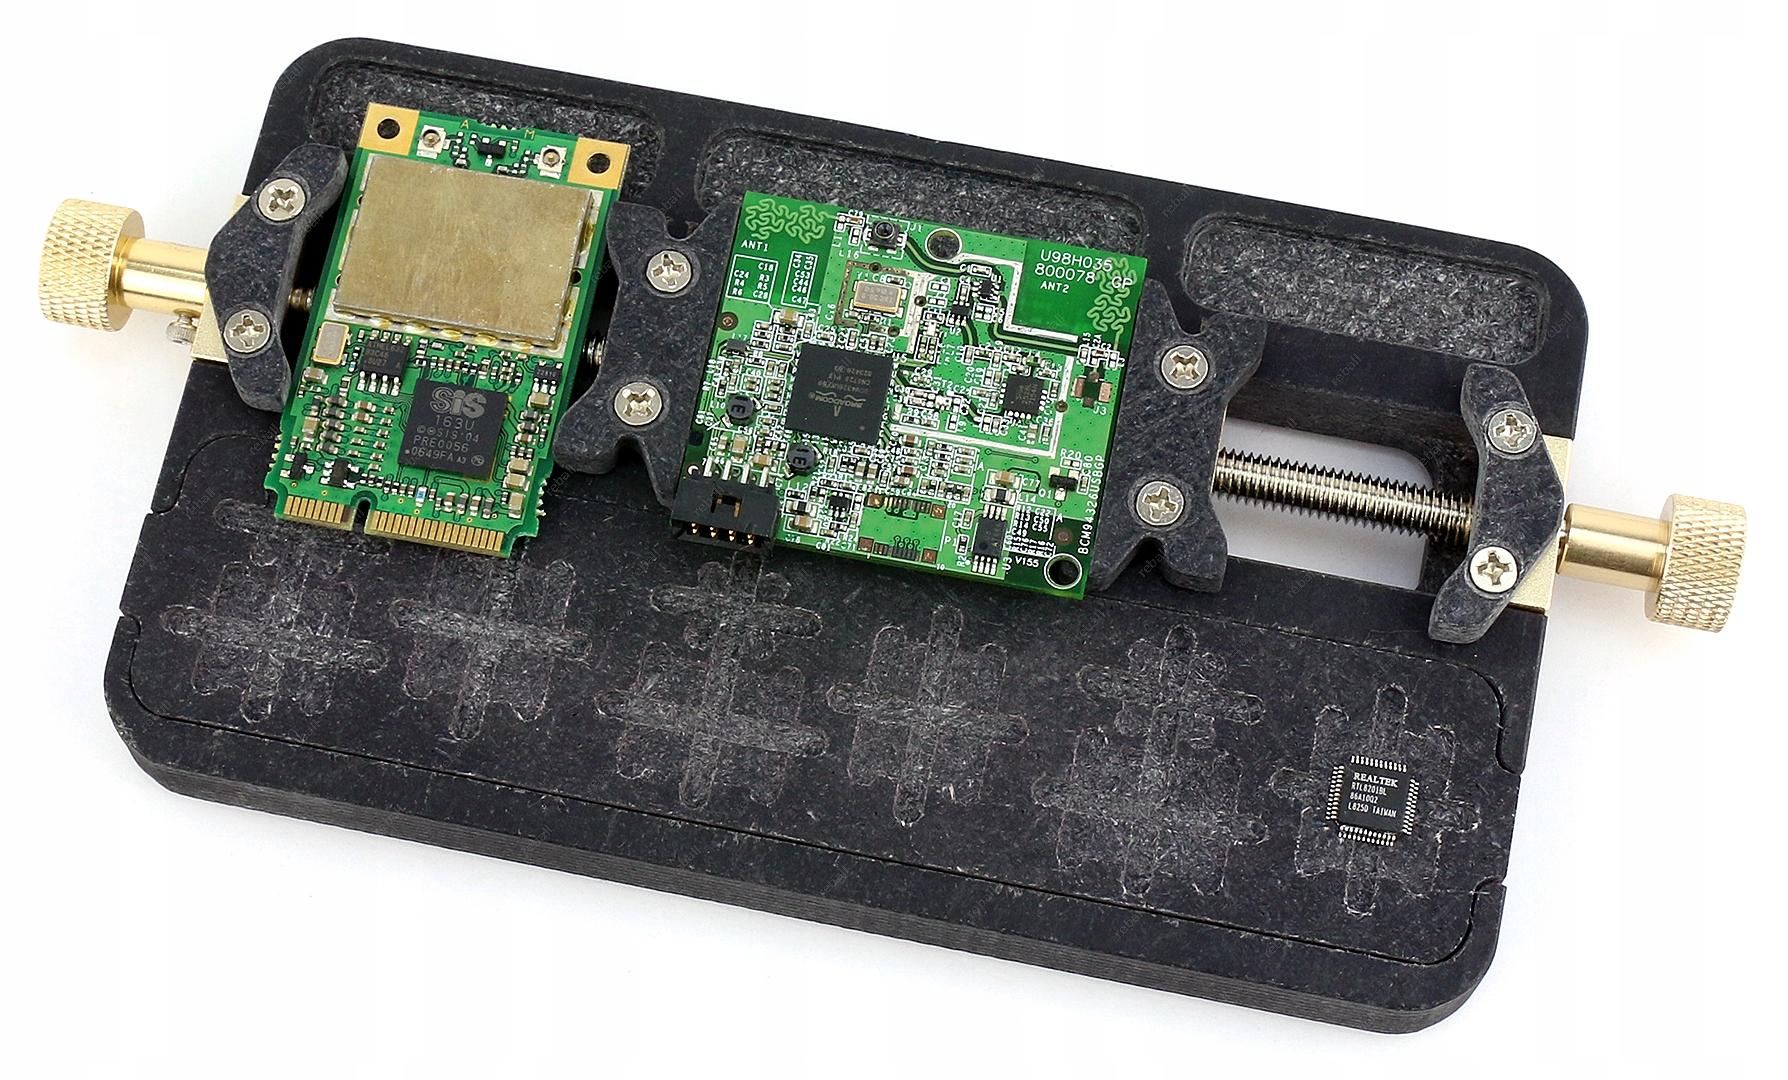 SERVISNÝ DRŽIAK NA DPS BGA A9 A10 IPHONE